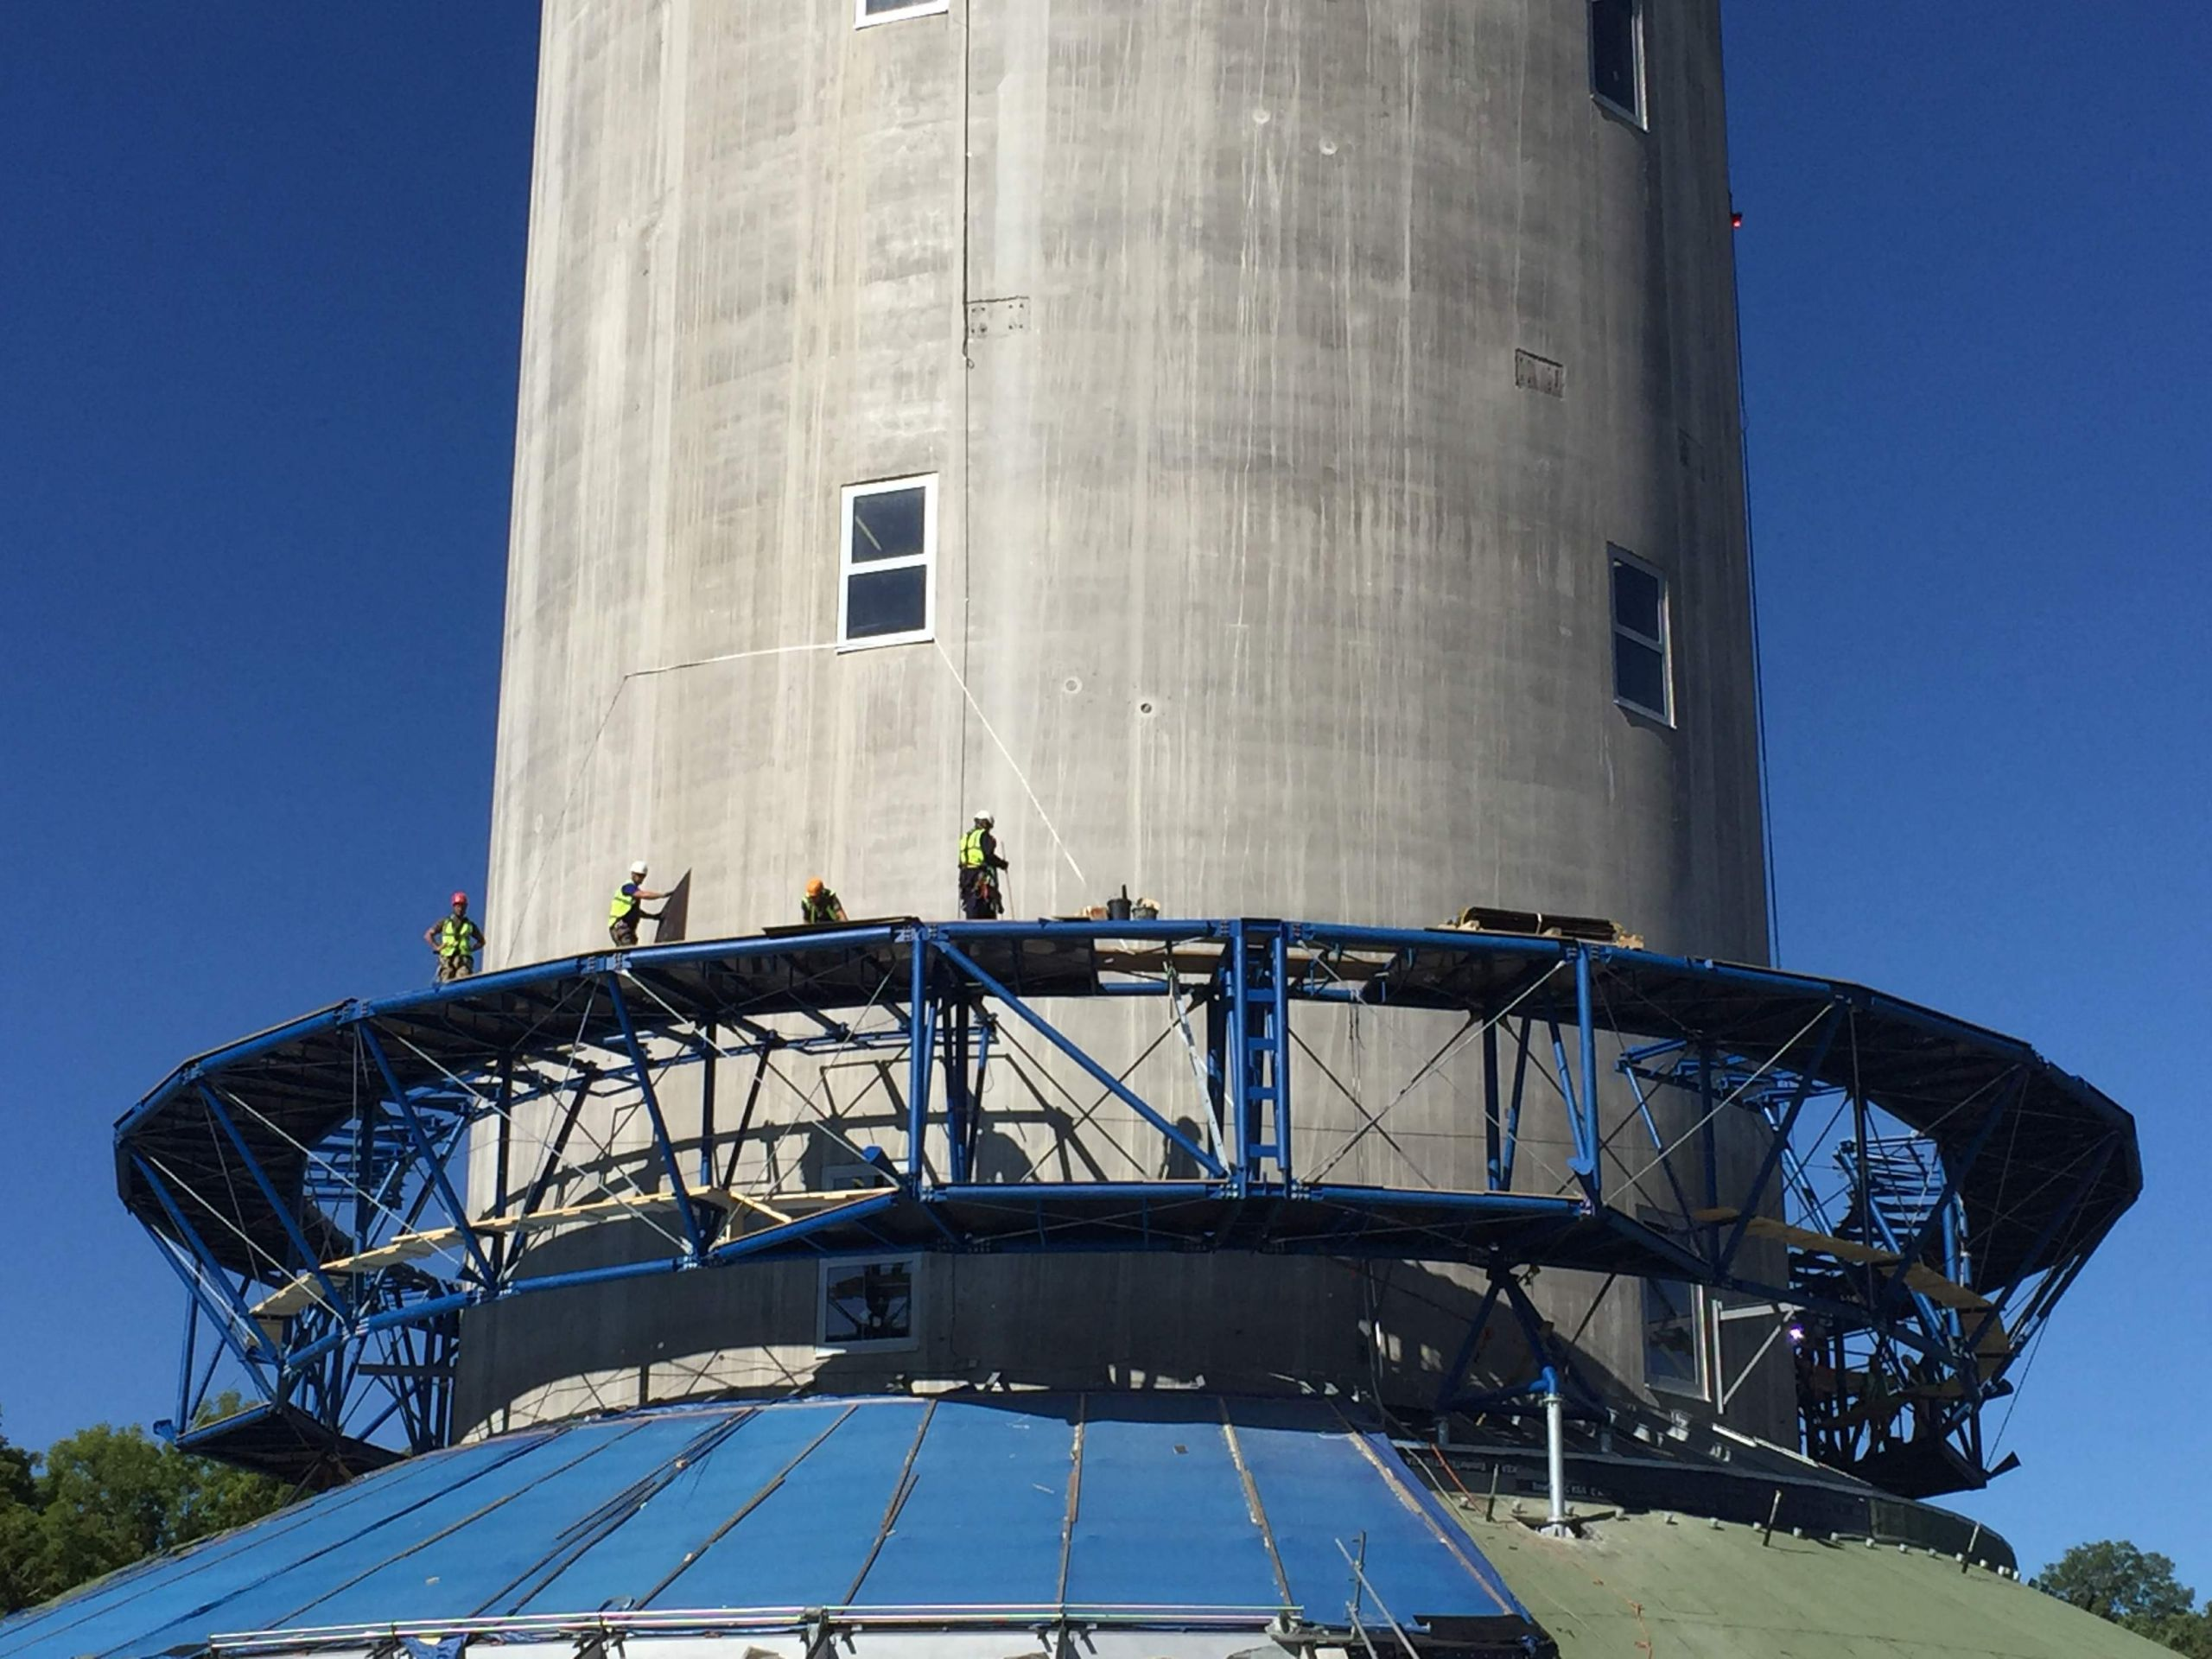 Mobile Platform test tower c thyssenkrupp JPG